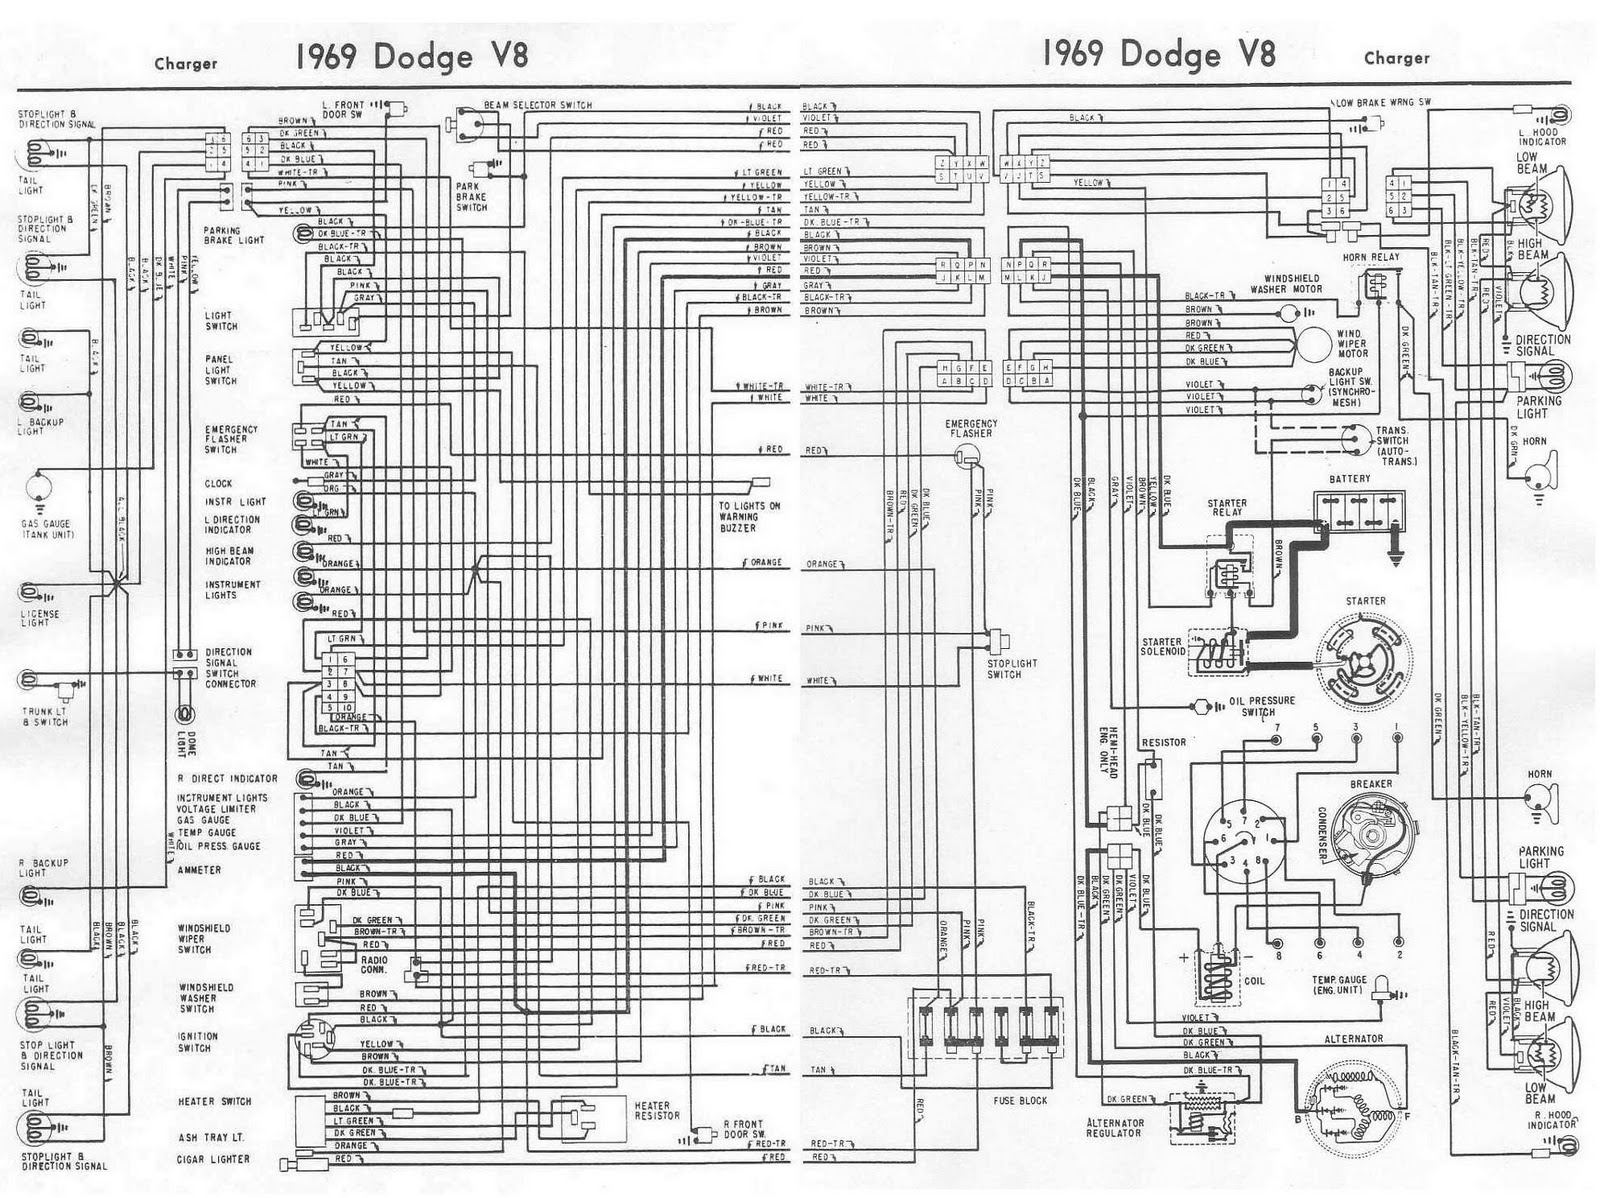 1968 D100 Wiring Diagram 12 Volt Wiring Diagram For Winch For Wiring Diagram Schematics